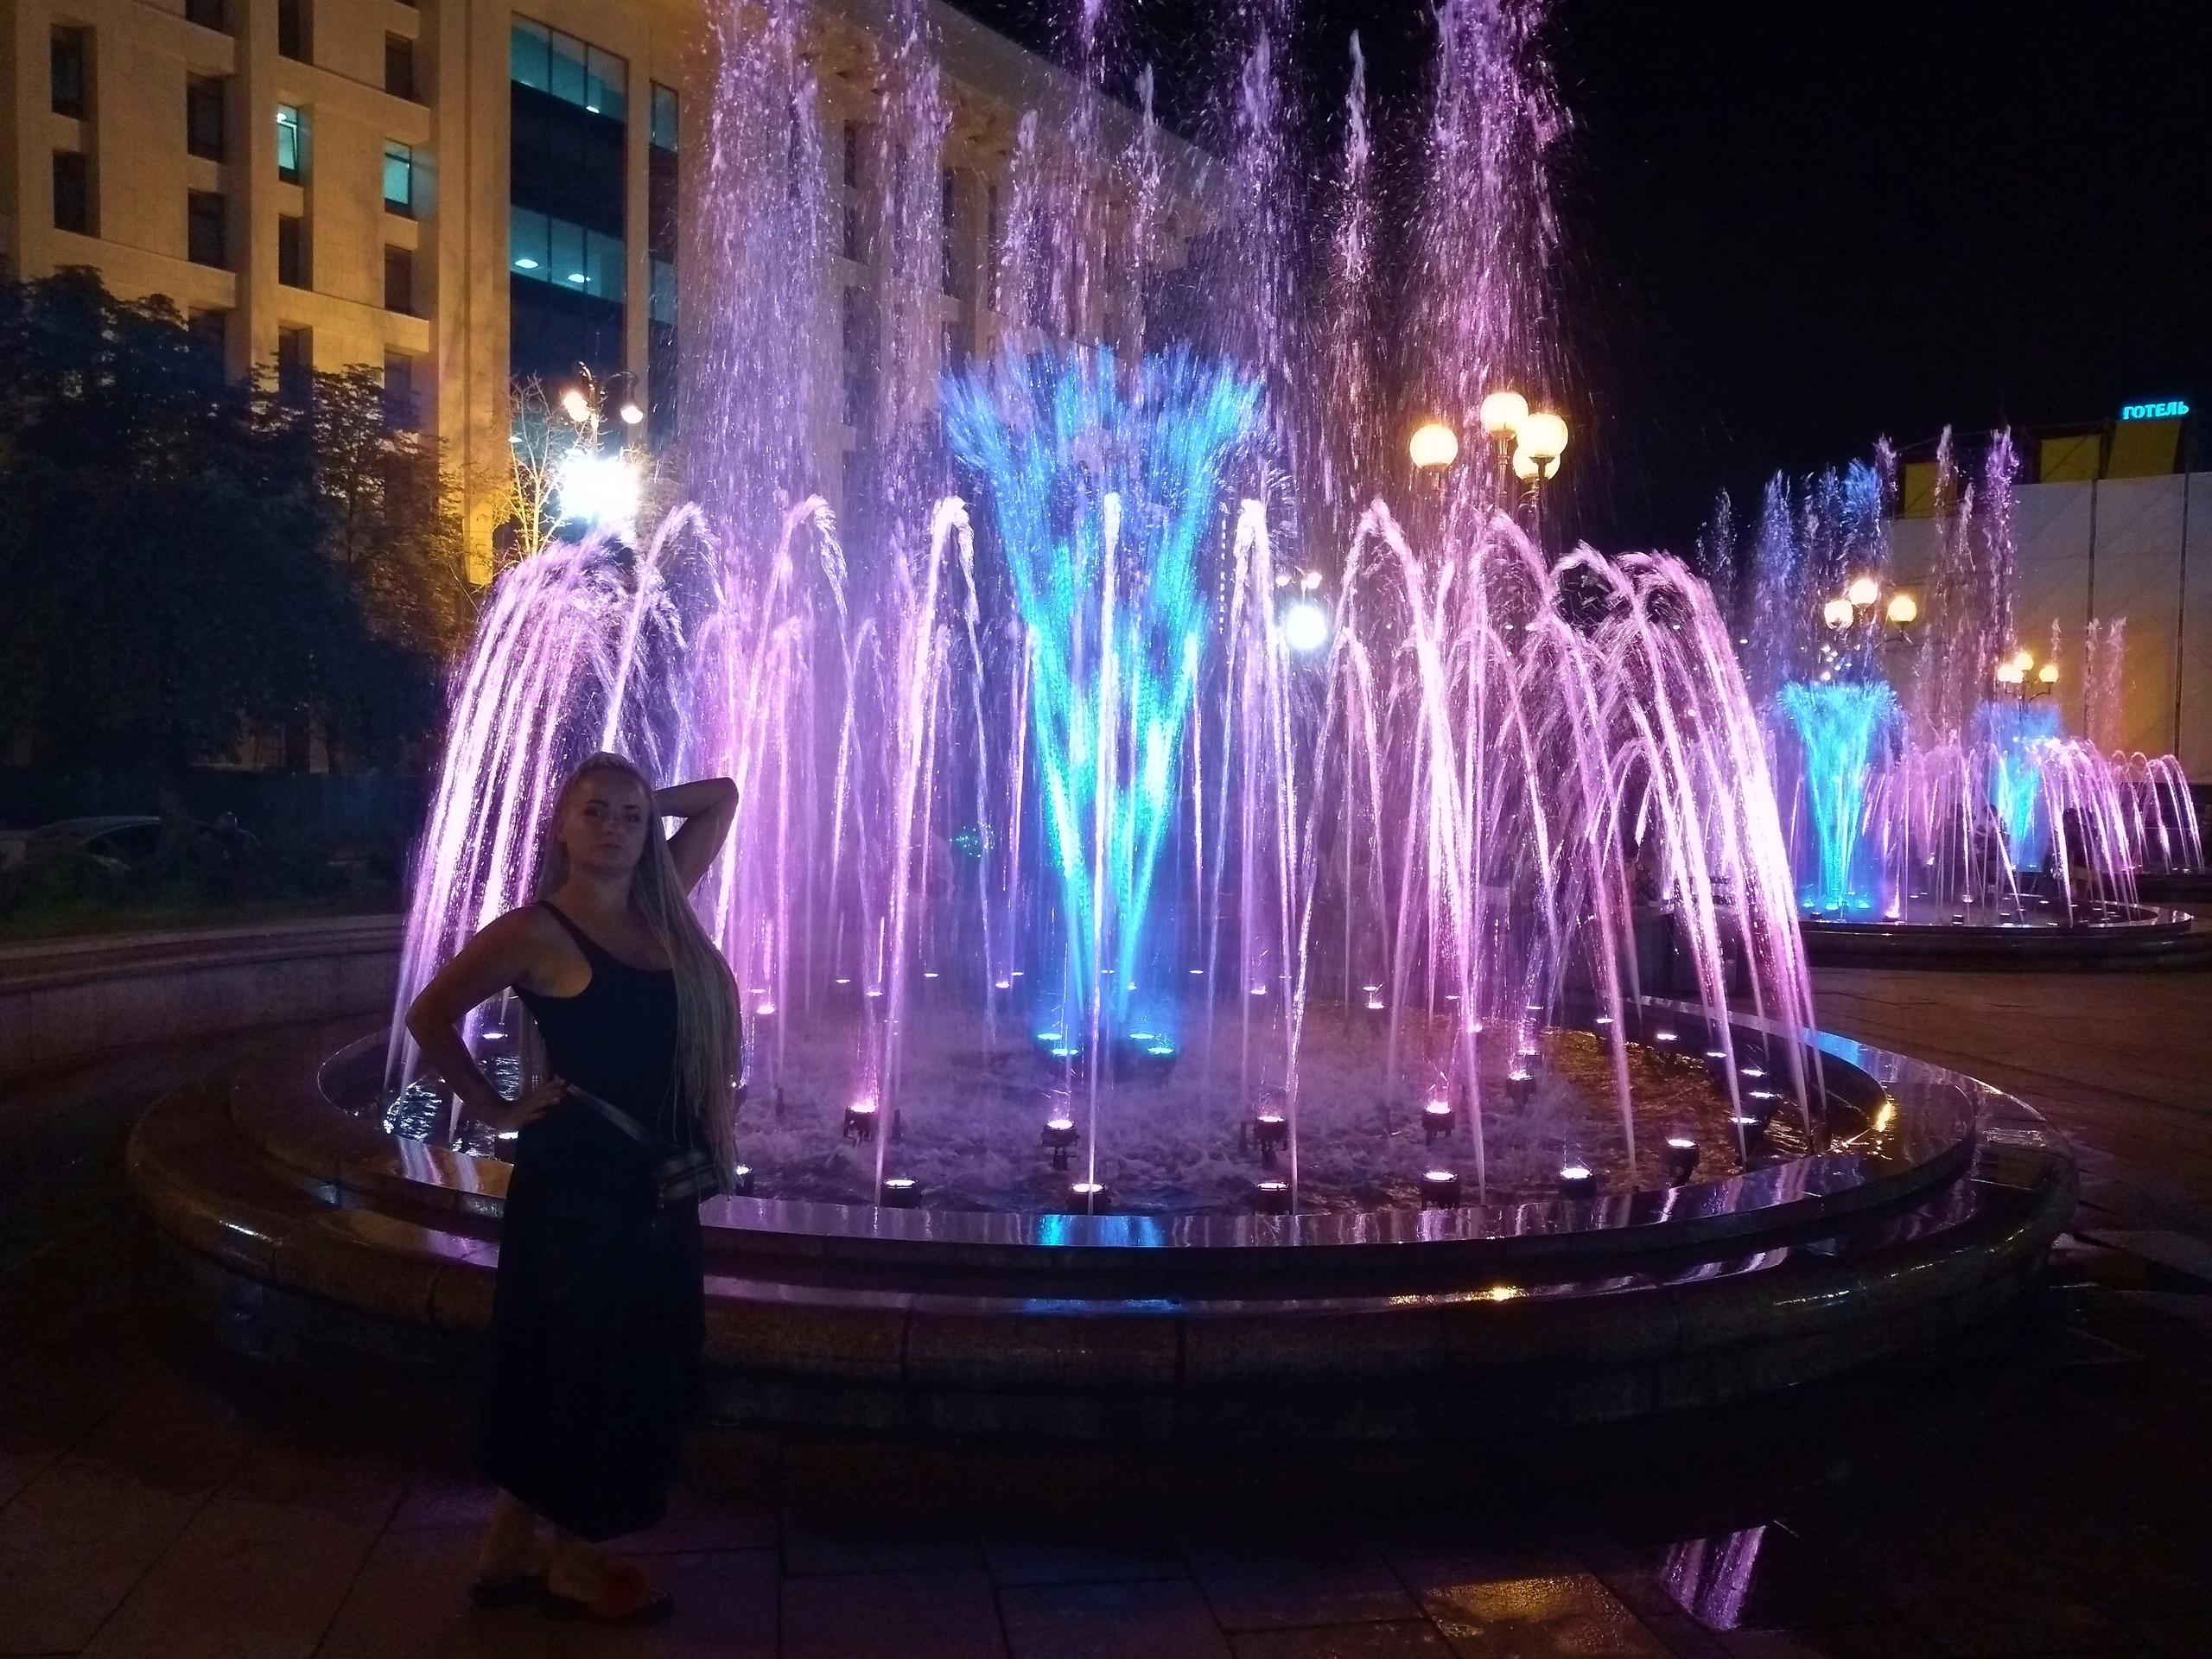 Елена Руденко (Валтея). Украина. Киев. Фото и описание.  - Страница 2 SfwGsrvfvvI